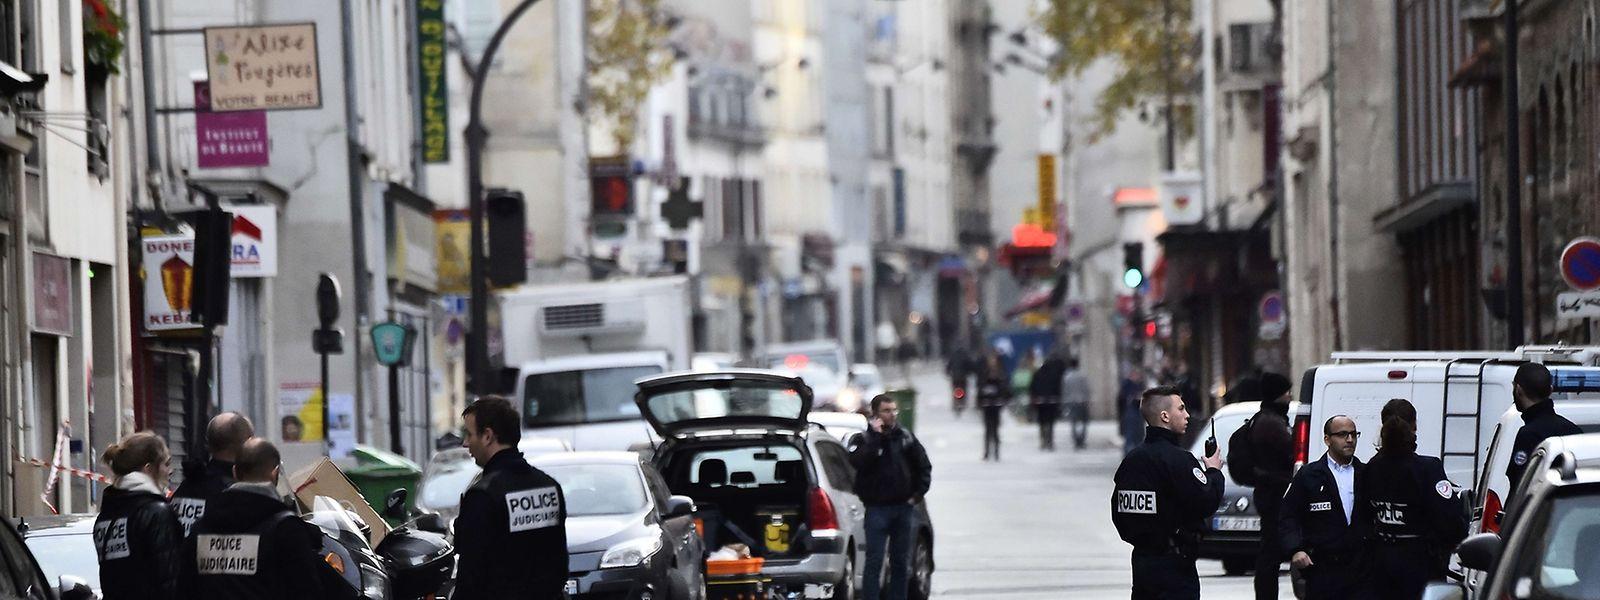 La police près du café La Belle Equipe, rue de Charonne, samedi matin.